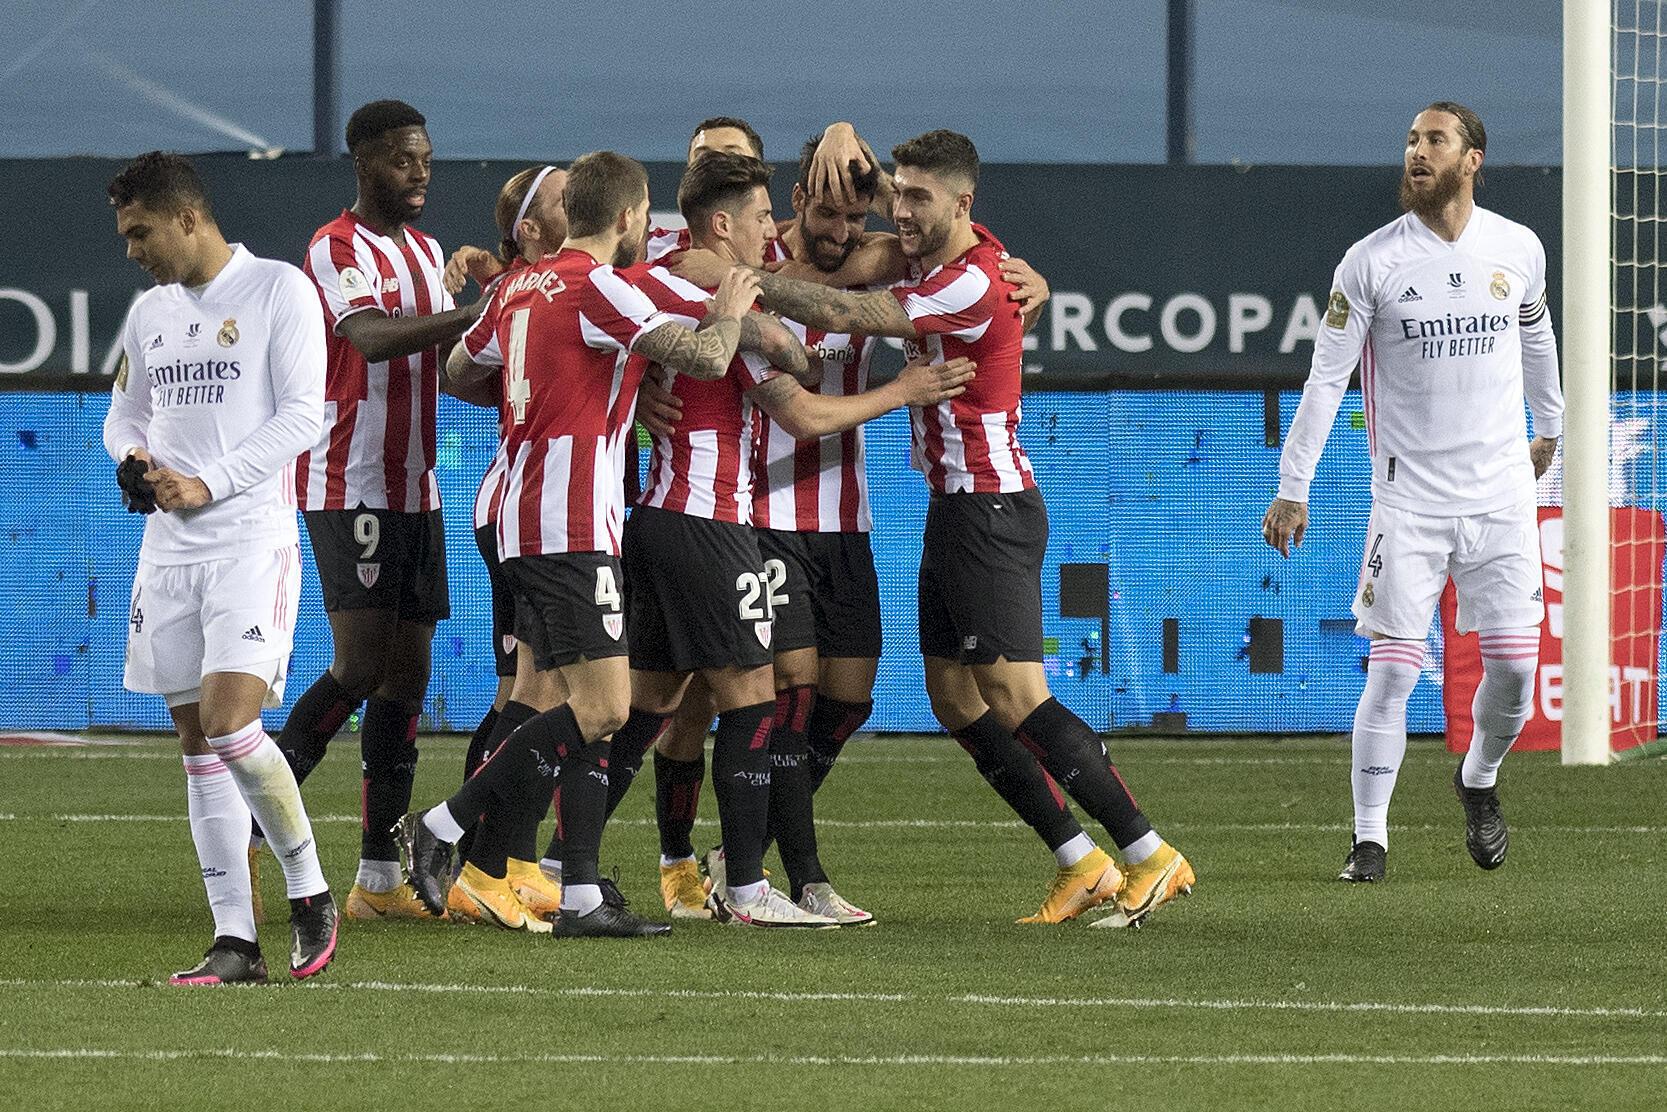 La joie des joueurs de l'Athletic Bilbao sur l'ouverture du score contre le Real Madrid par Raul Garcia en Supercoupe d'Espagne à Malaga, le 14 janvier 2021